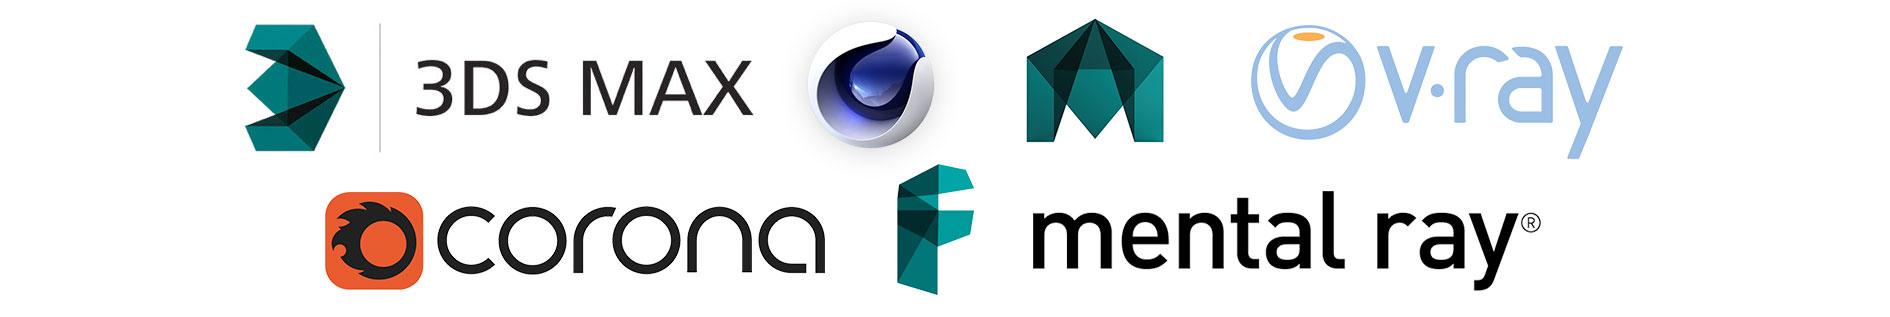 3DS Max, Cinema 4D, Maya, V-Ray, Corona, FBX, Mental Ray